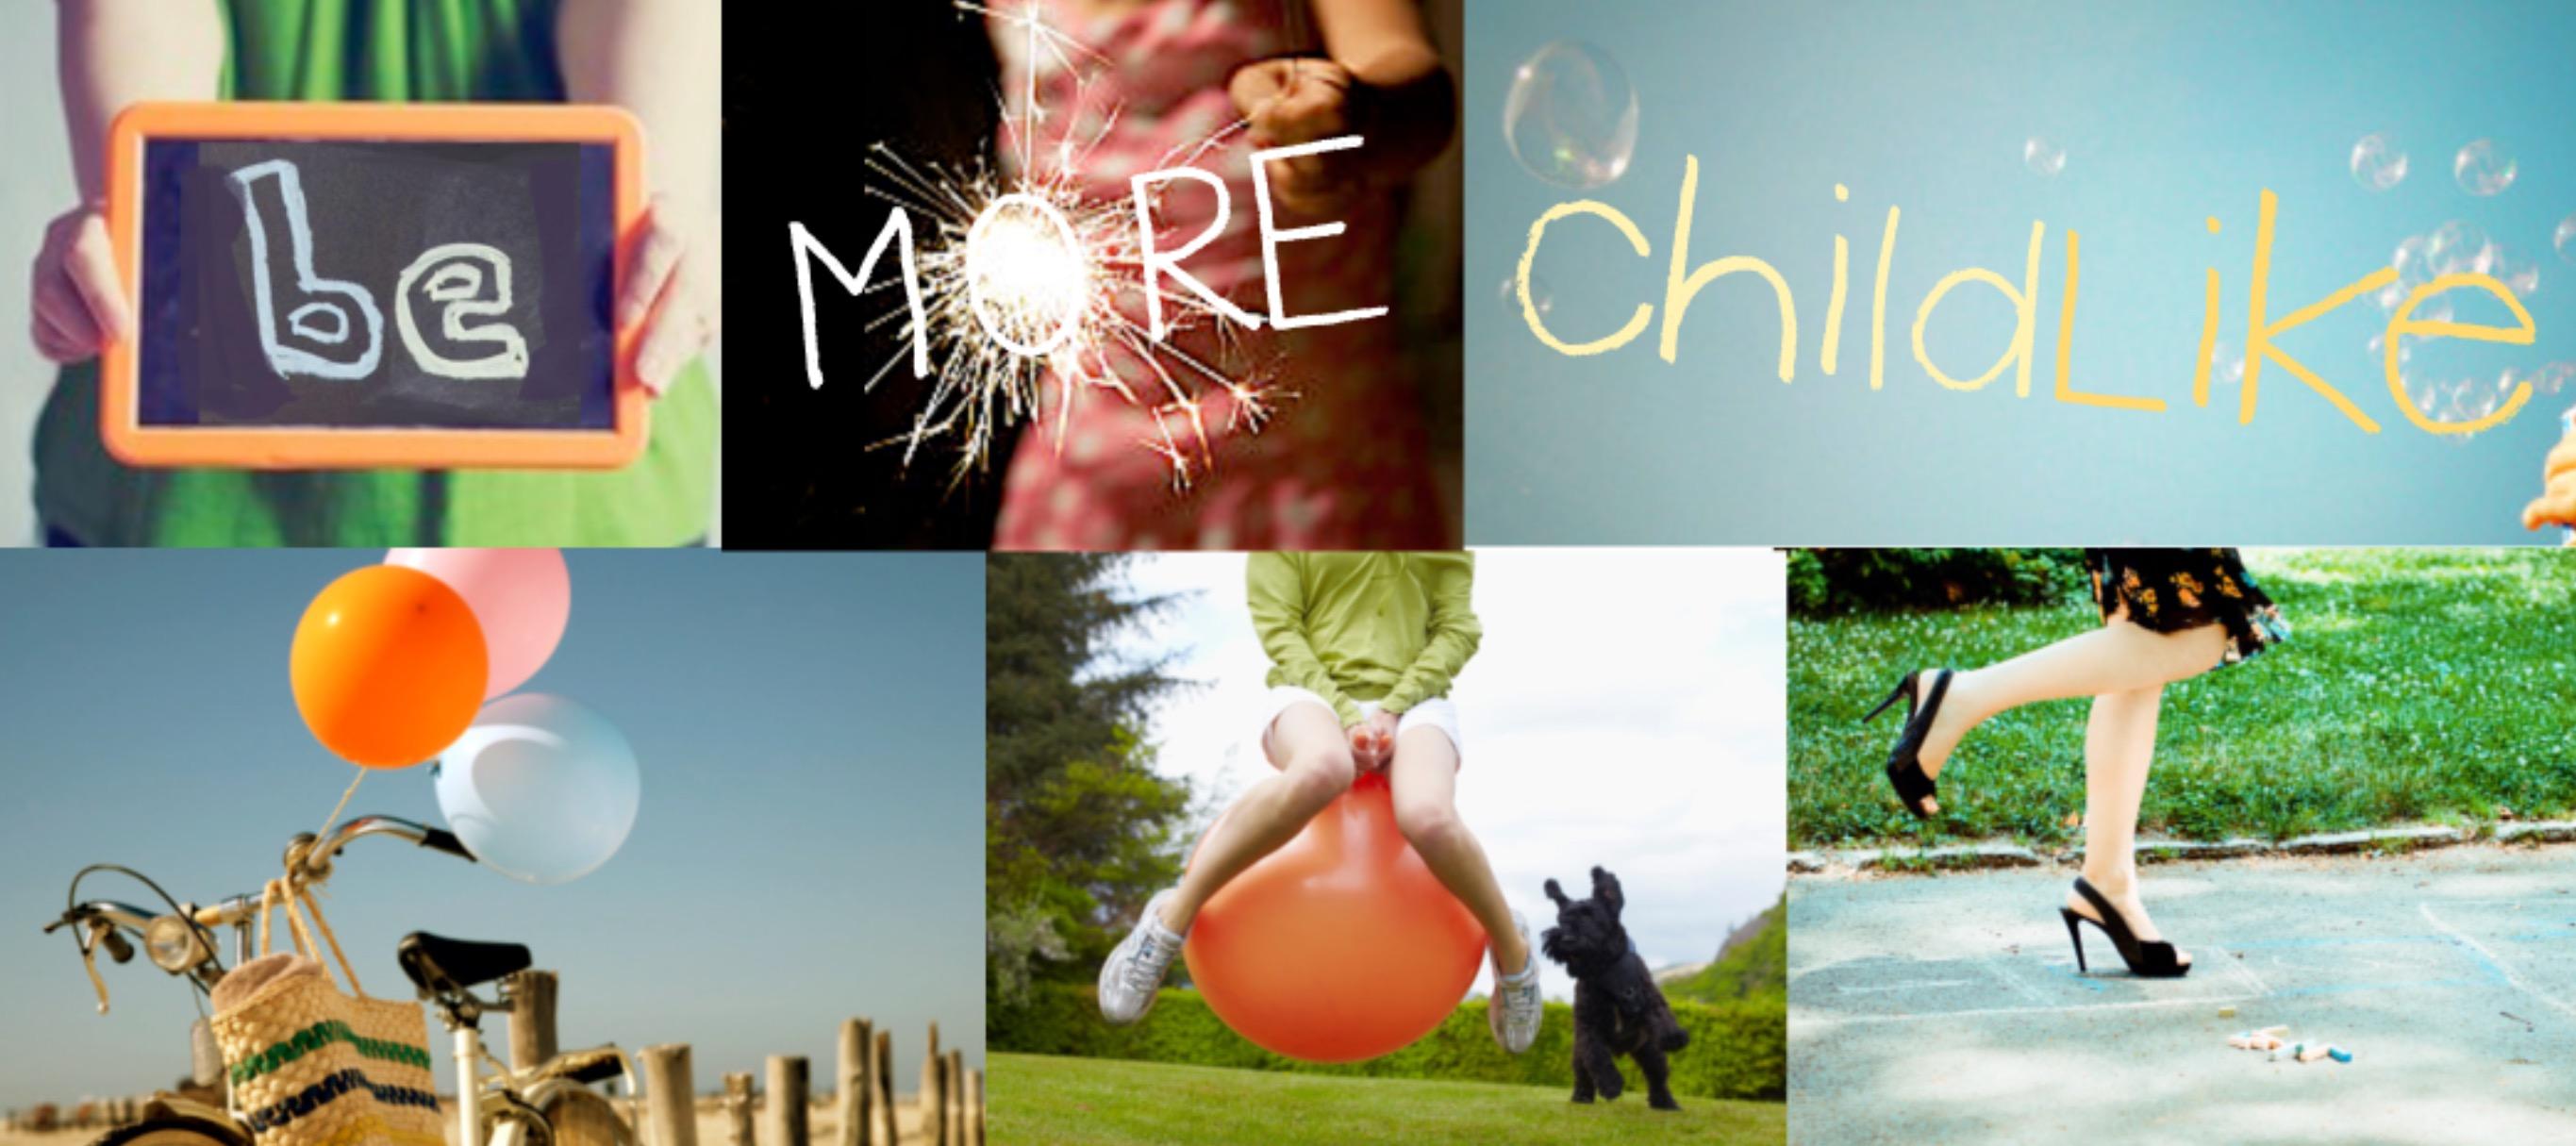 be more childlike.jpg